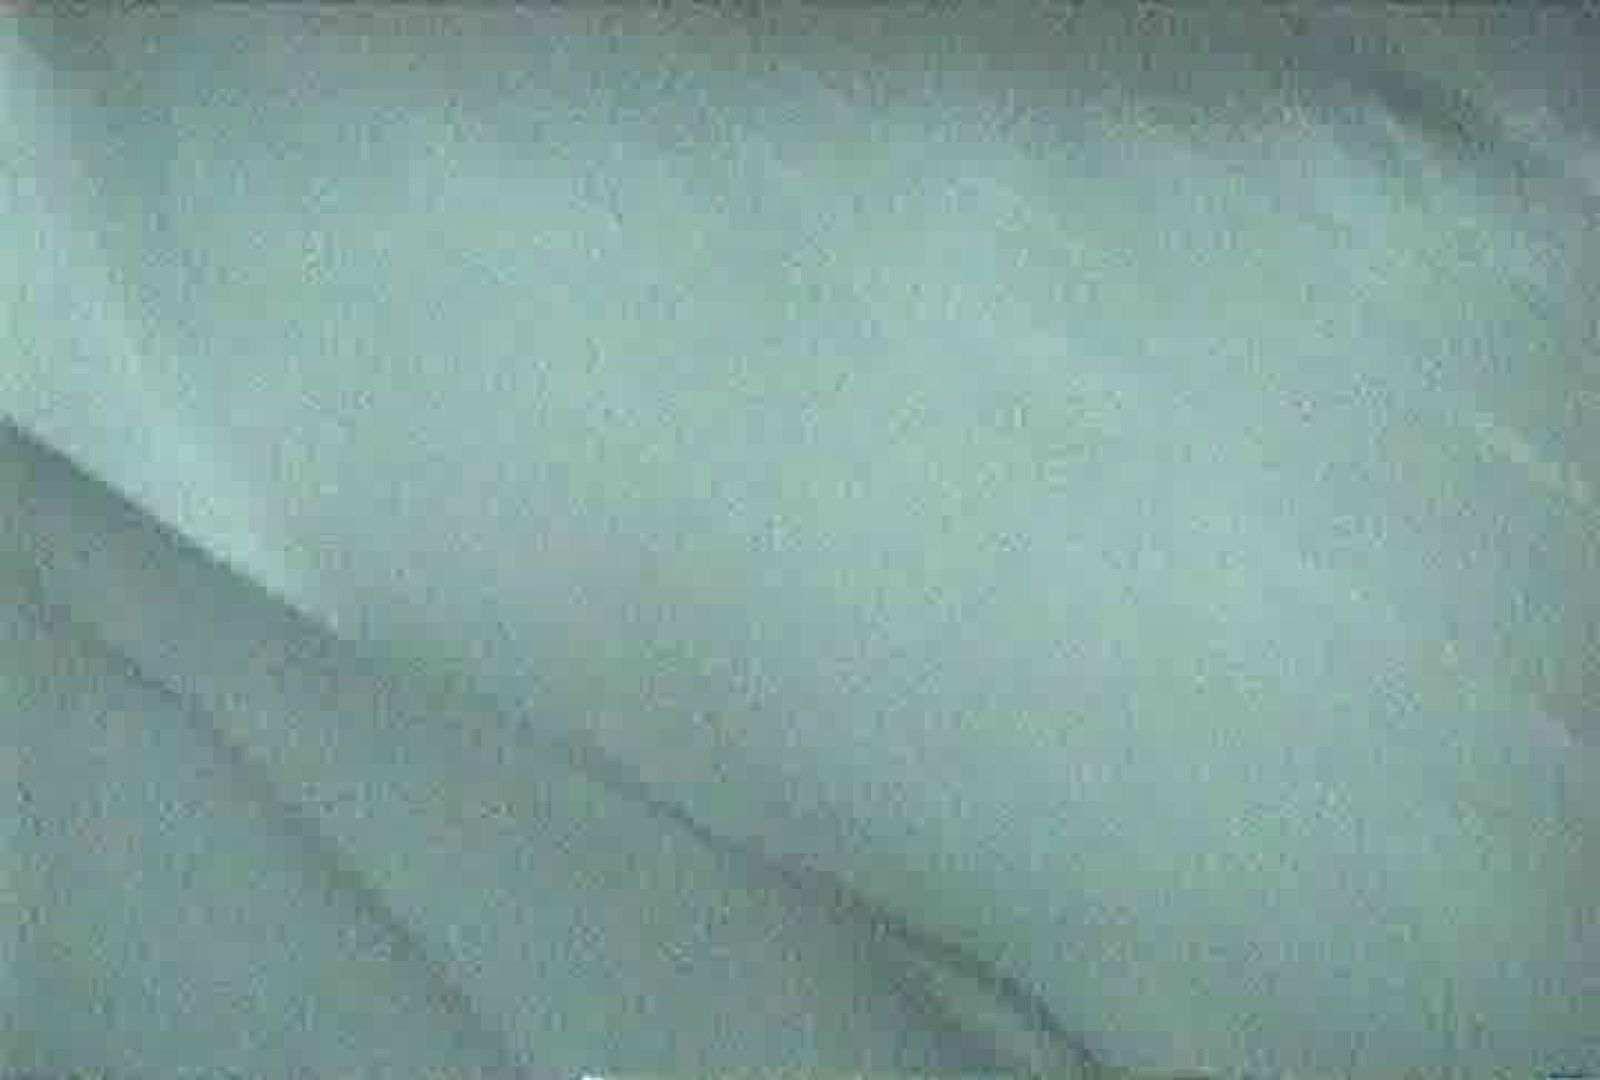 充血監督の深夜の運動会Vol.54 エロティックなOL 戯れ無修正画像 98画像 62